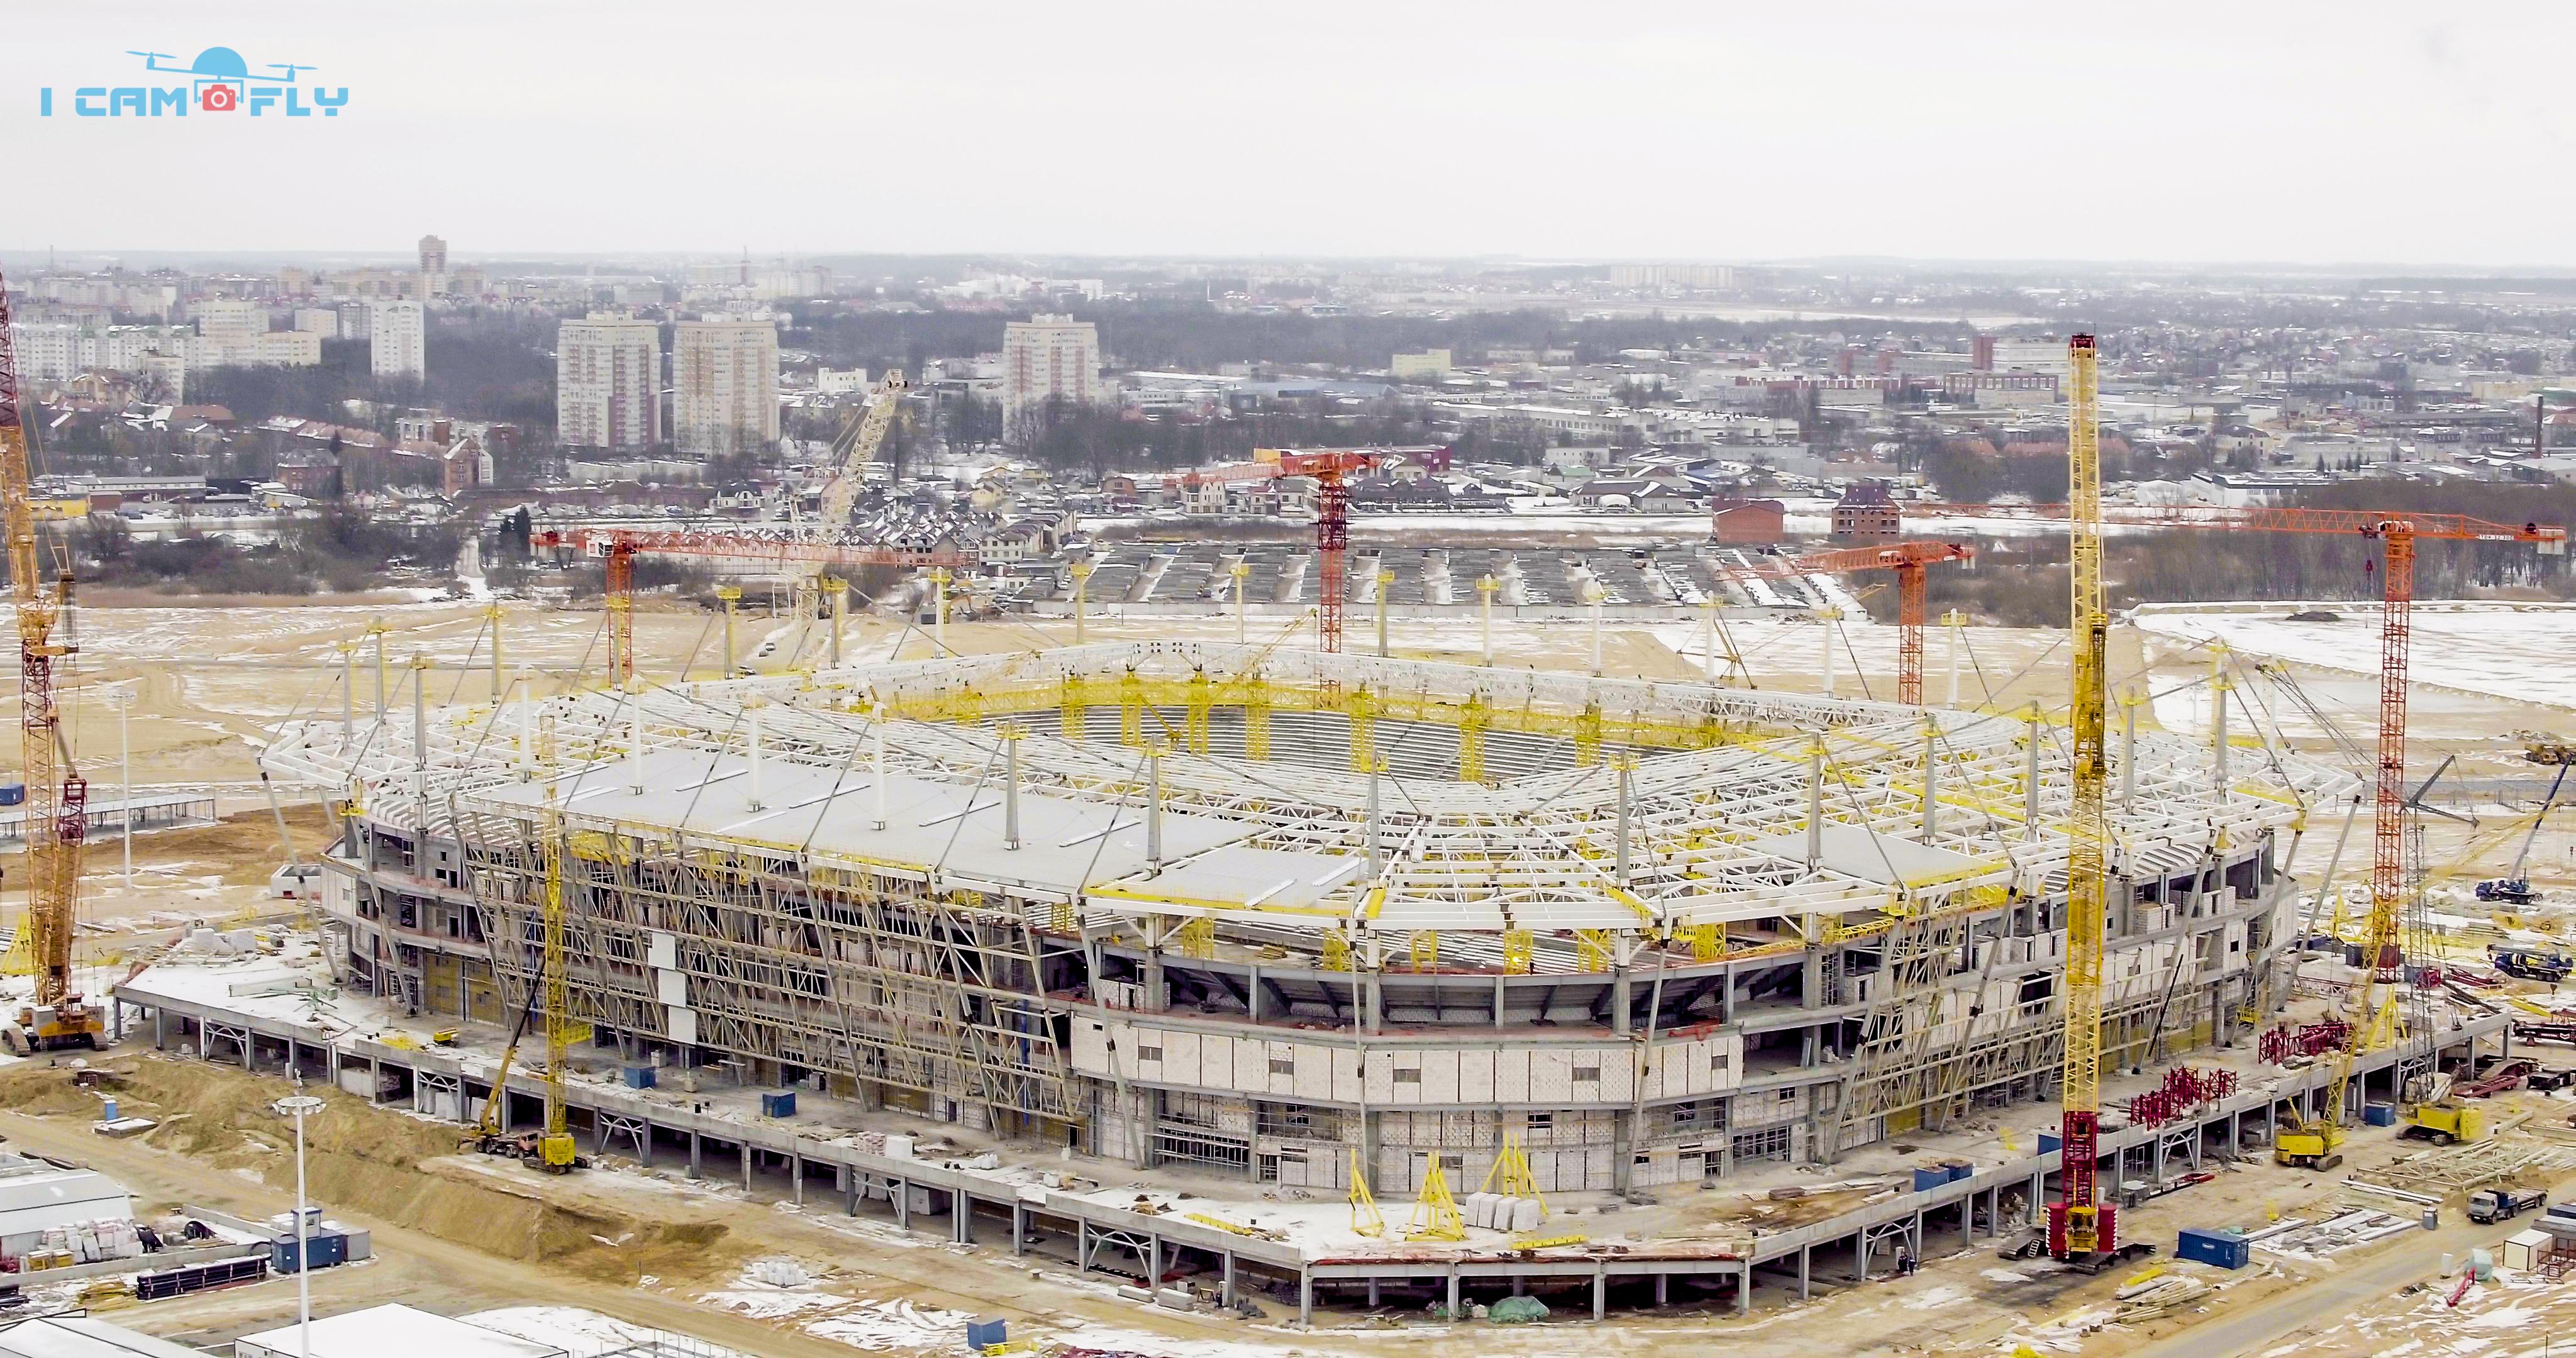 Стадион Калининград. ЧМ-2018. Россия